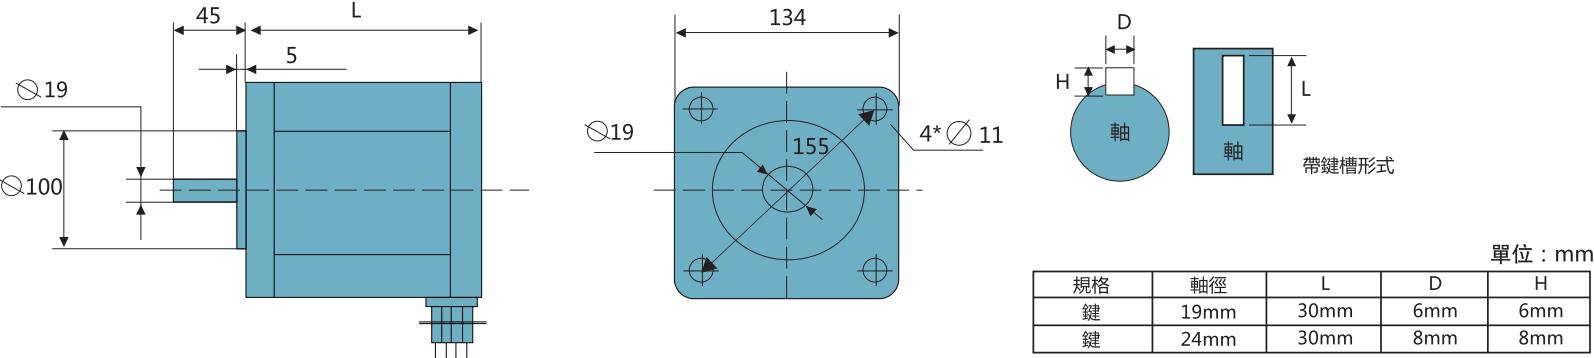 拓达130系列3相步进电机驱动器套装